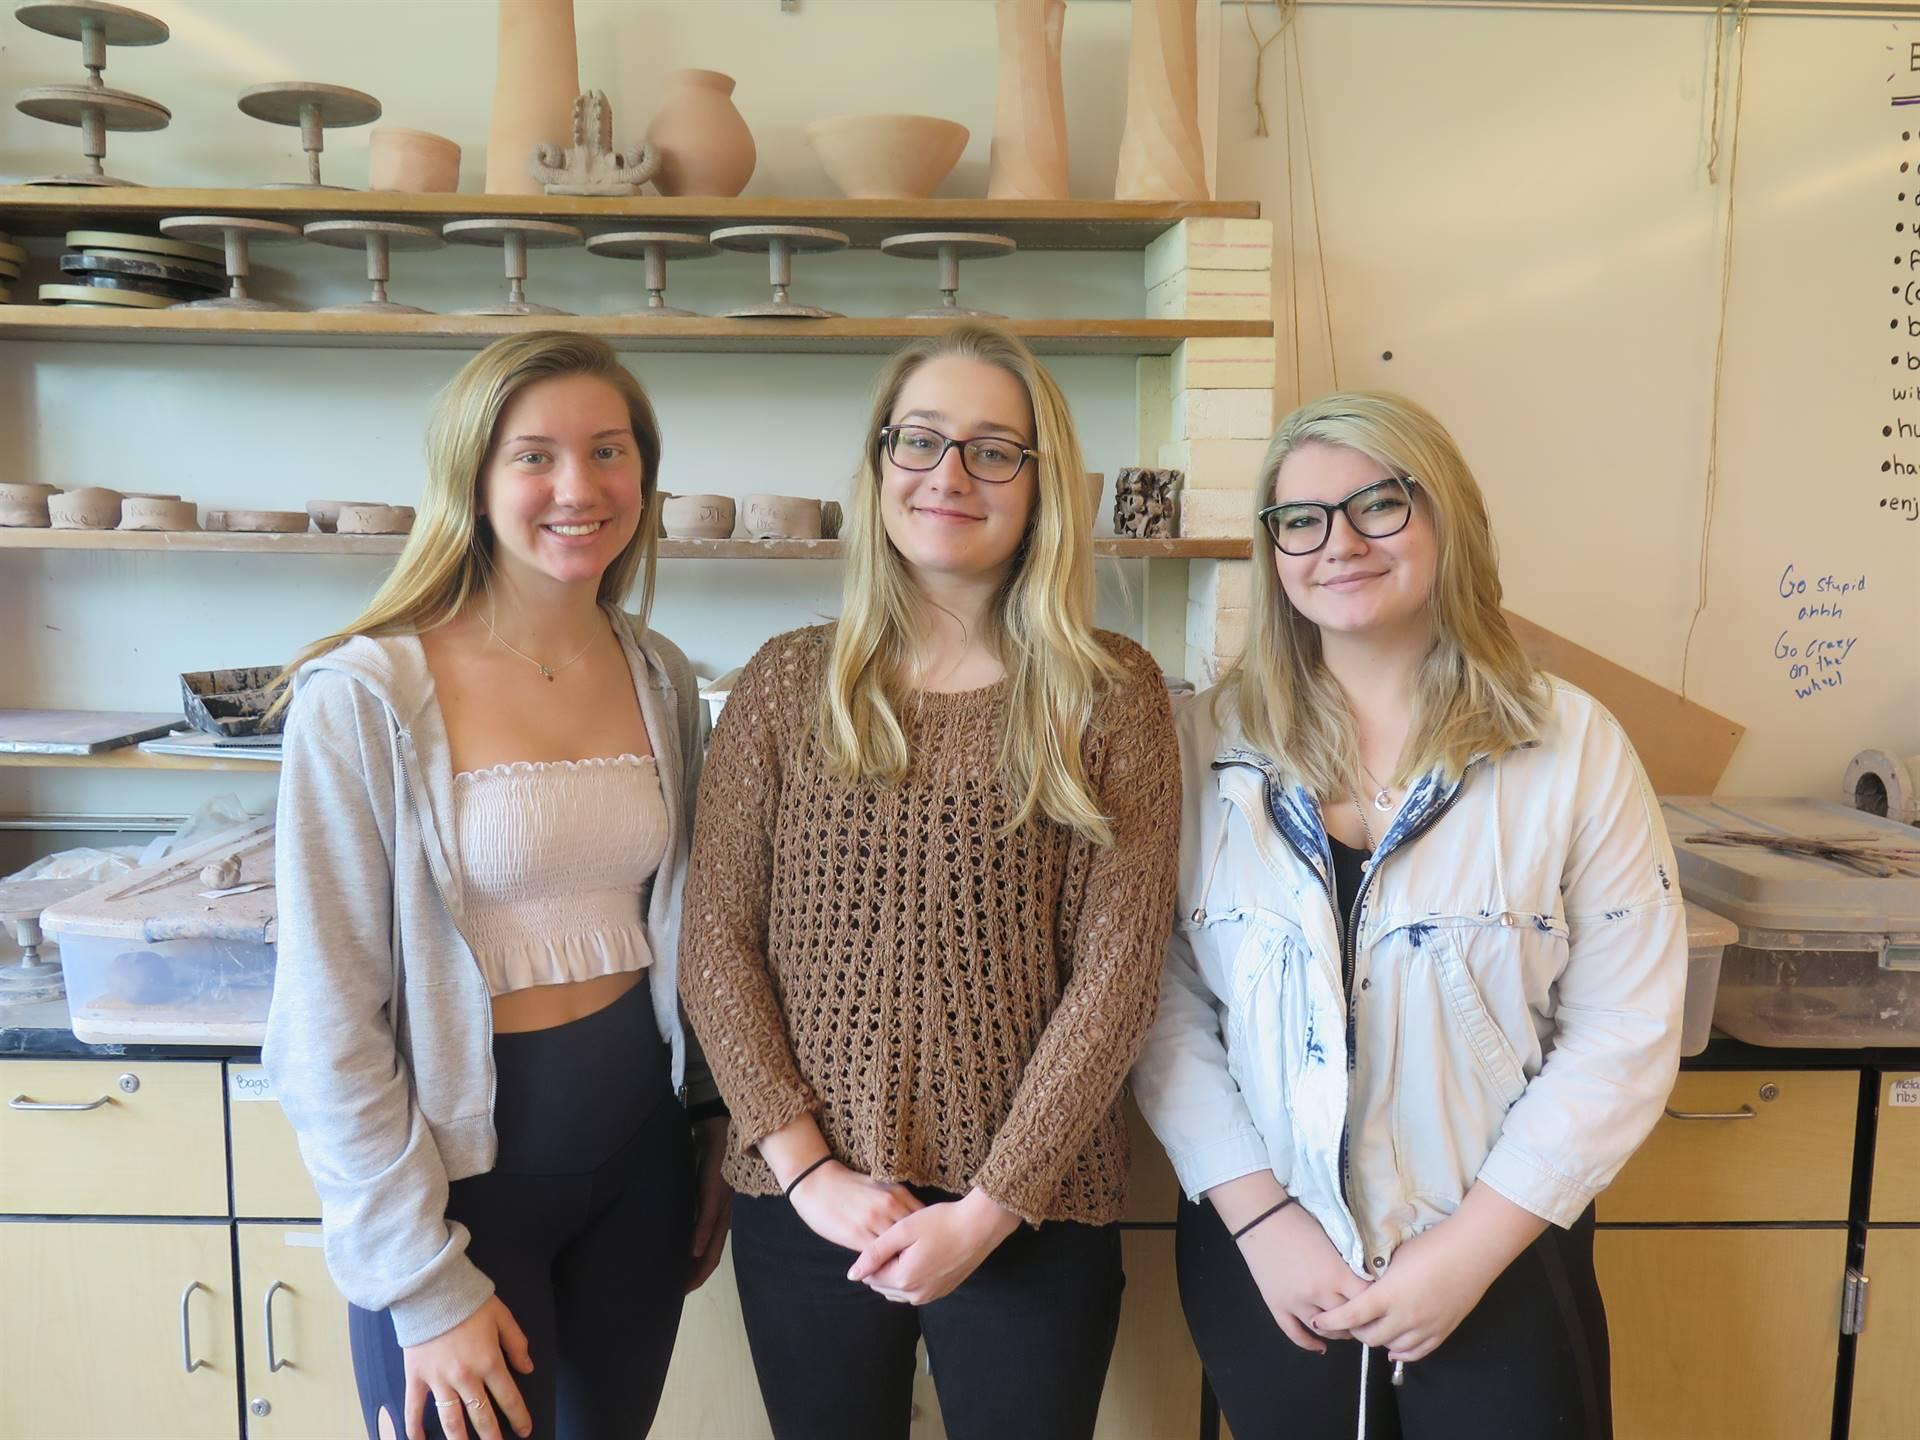 The three Standard Ceramics Artists